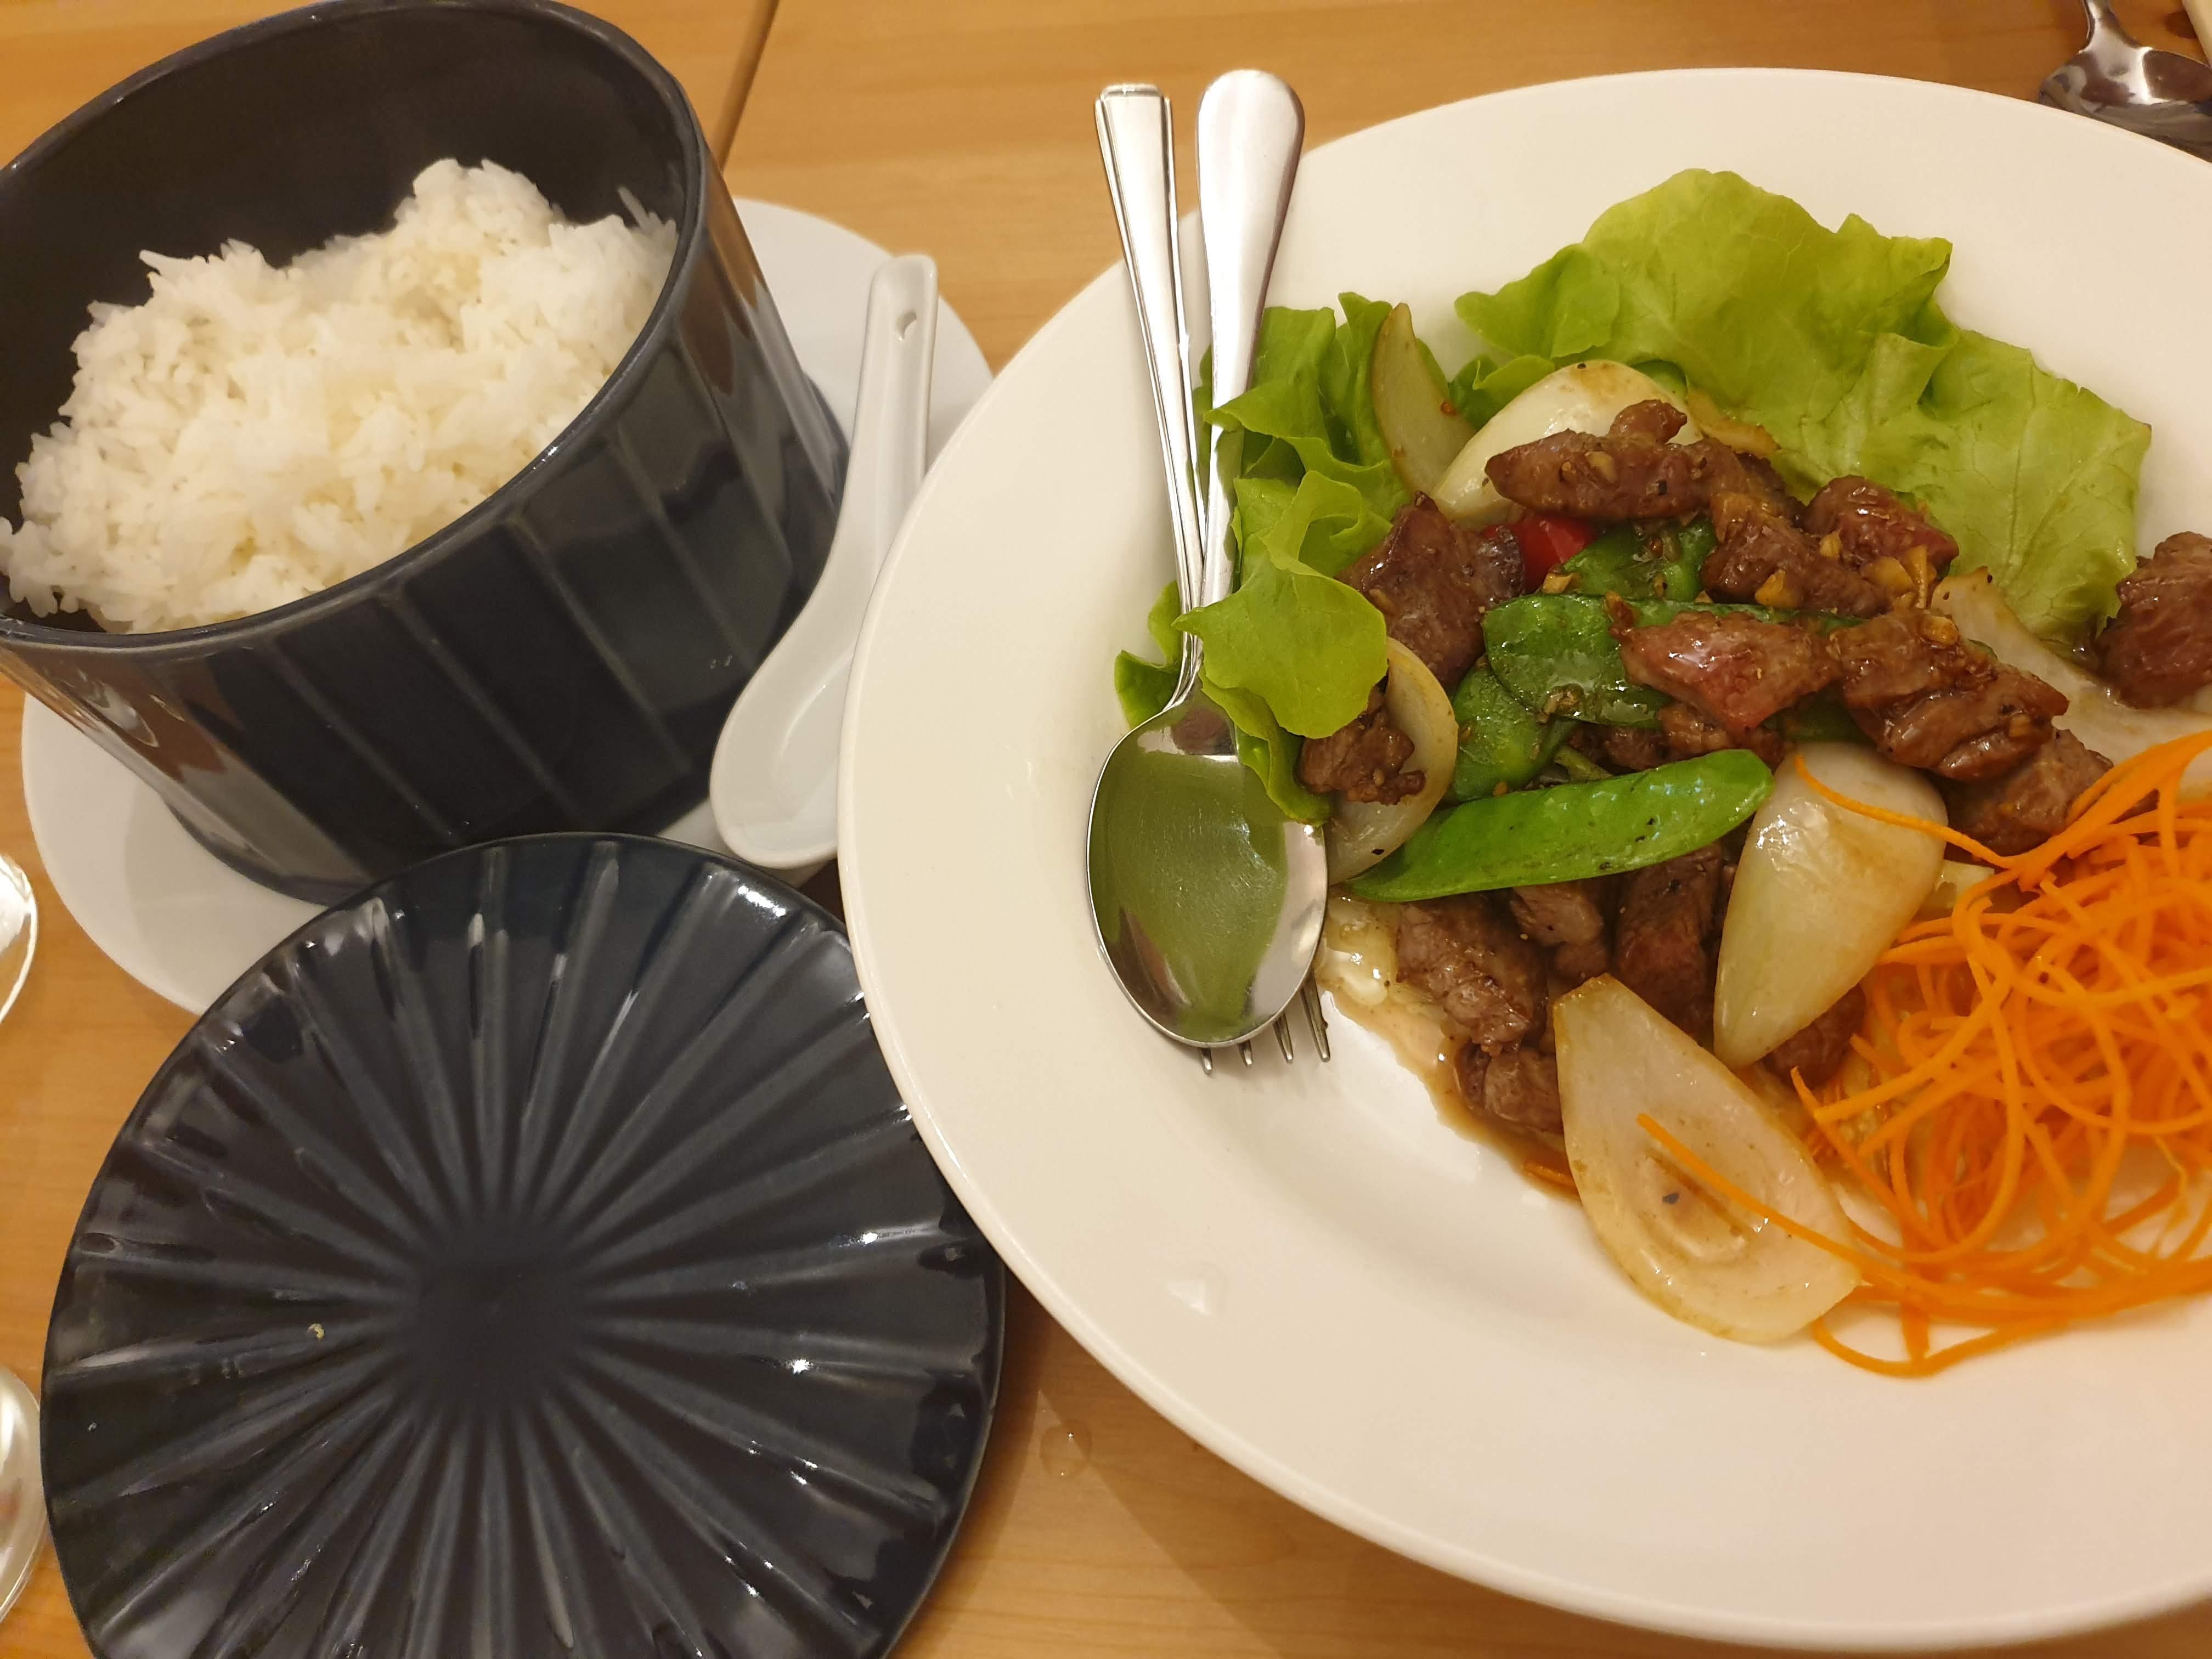 サリーヒルズのベトナムレストラン『Viet Eatery』